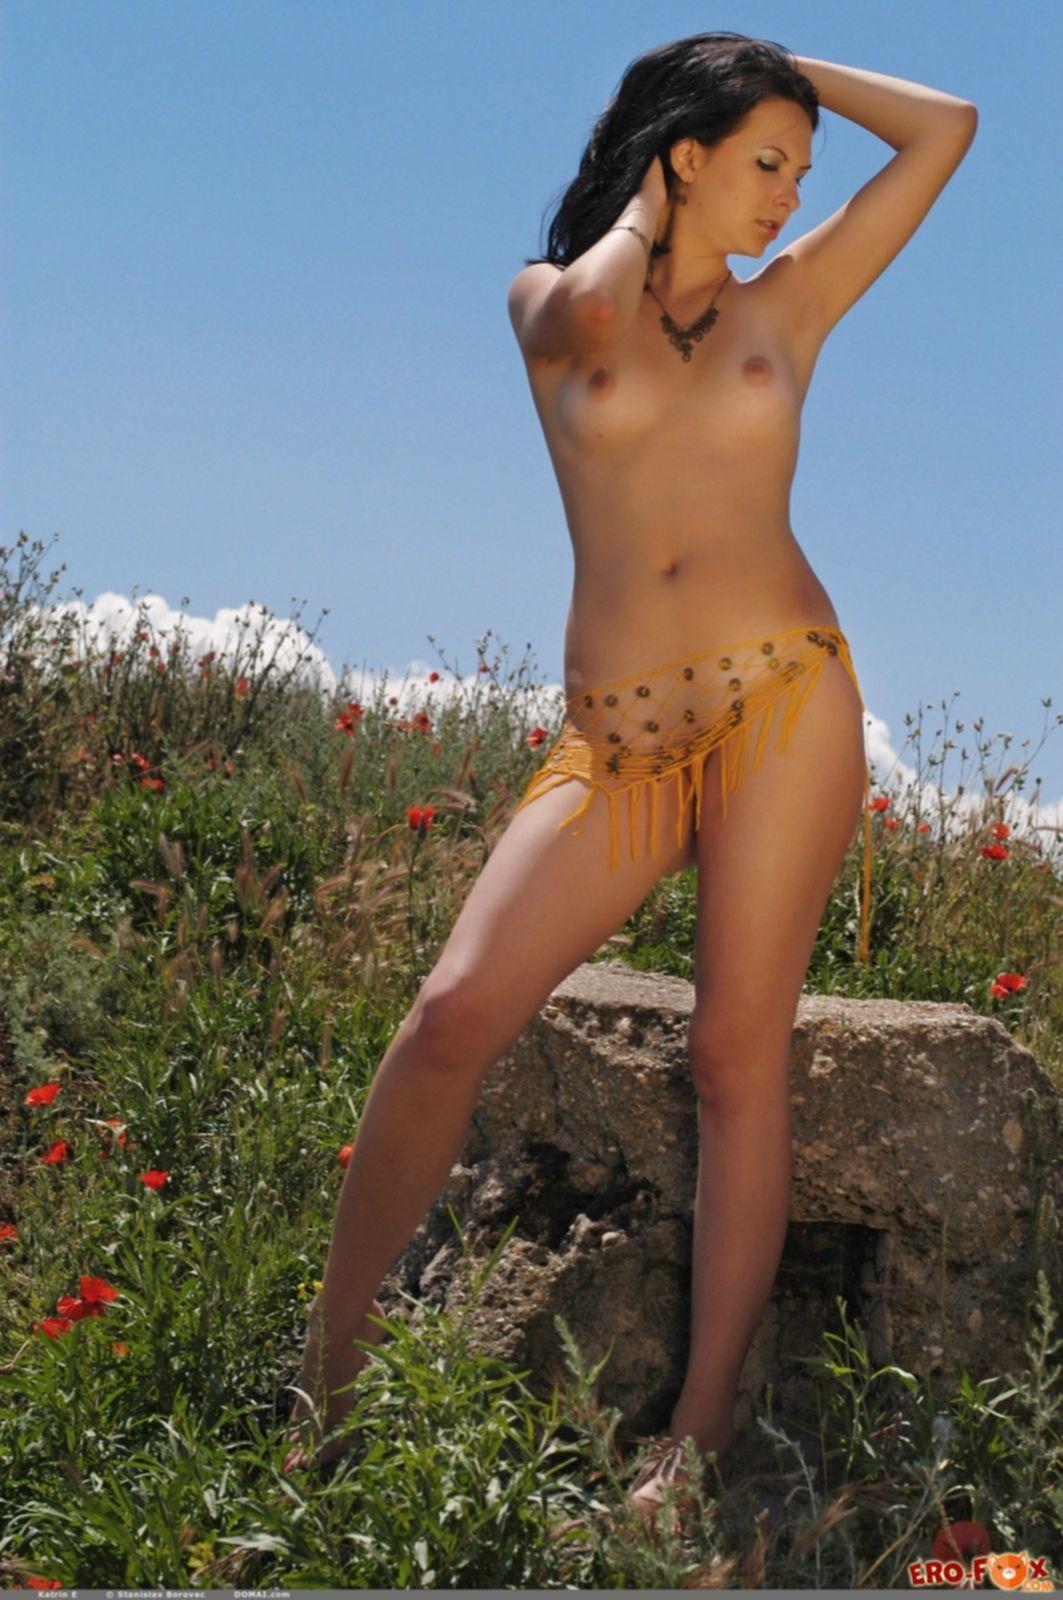 Сексуальная брюнетка голая позирует на природе - фото